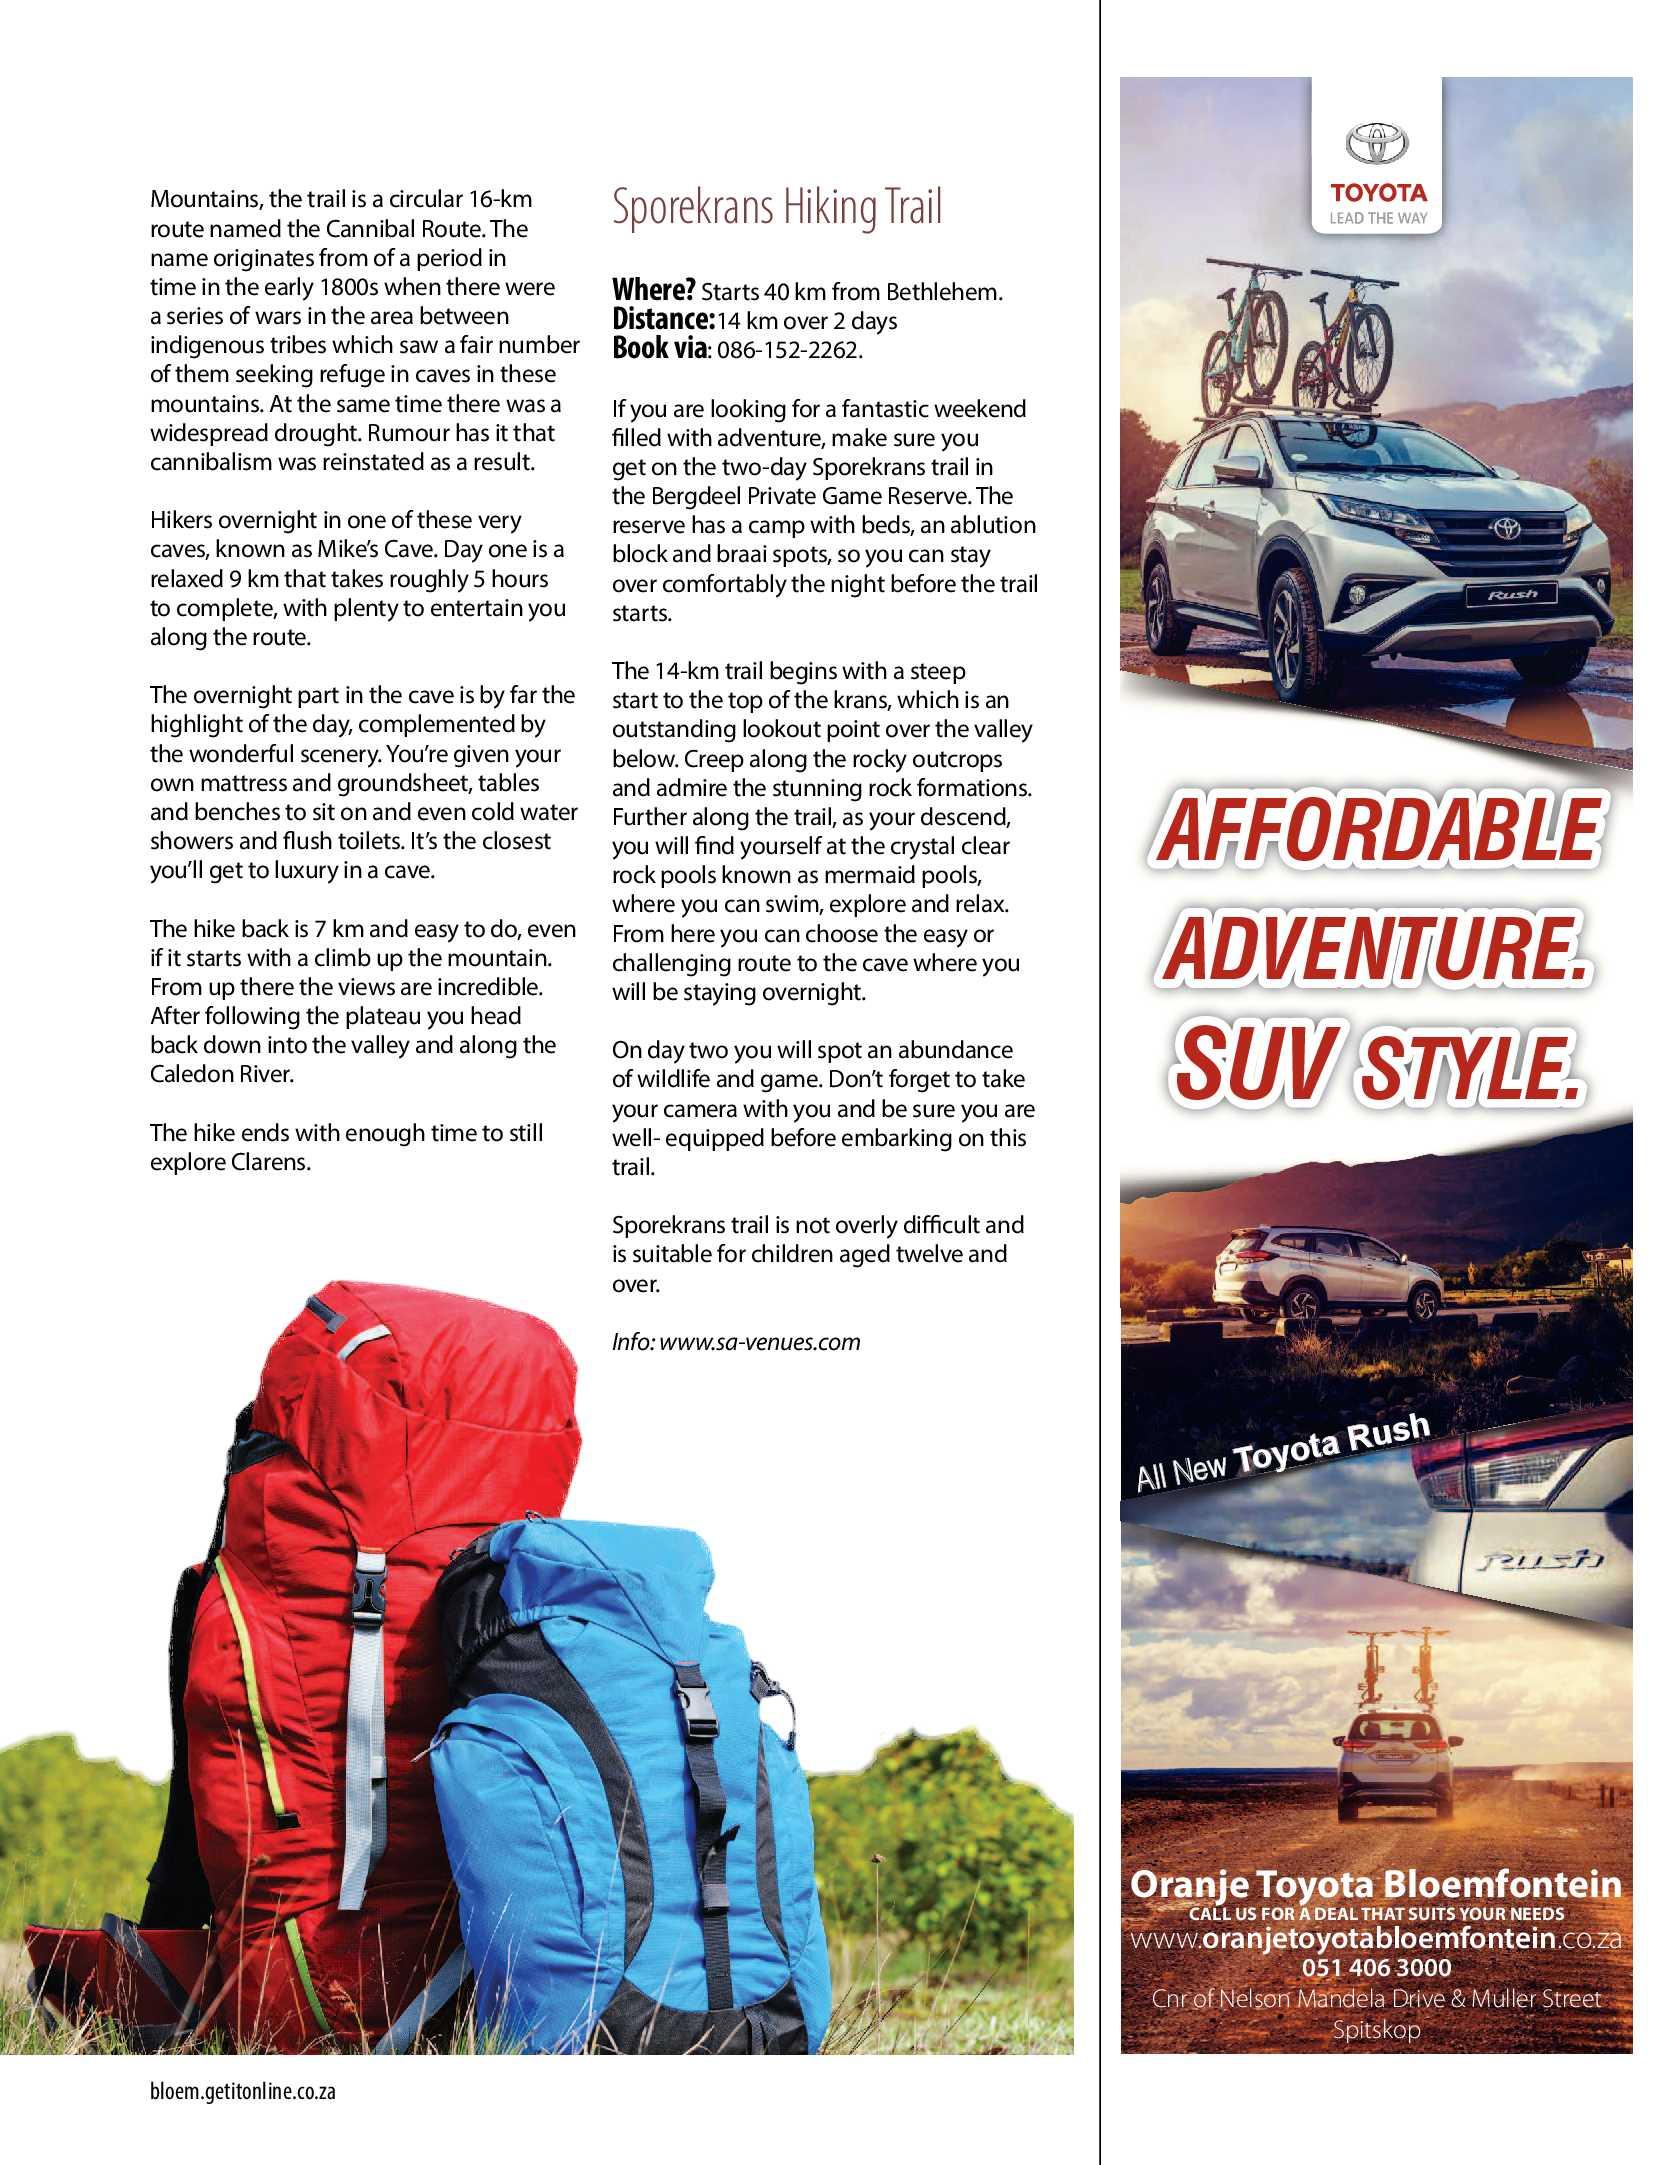 get-bloemfontein-november-2018-epapers-page-65